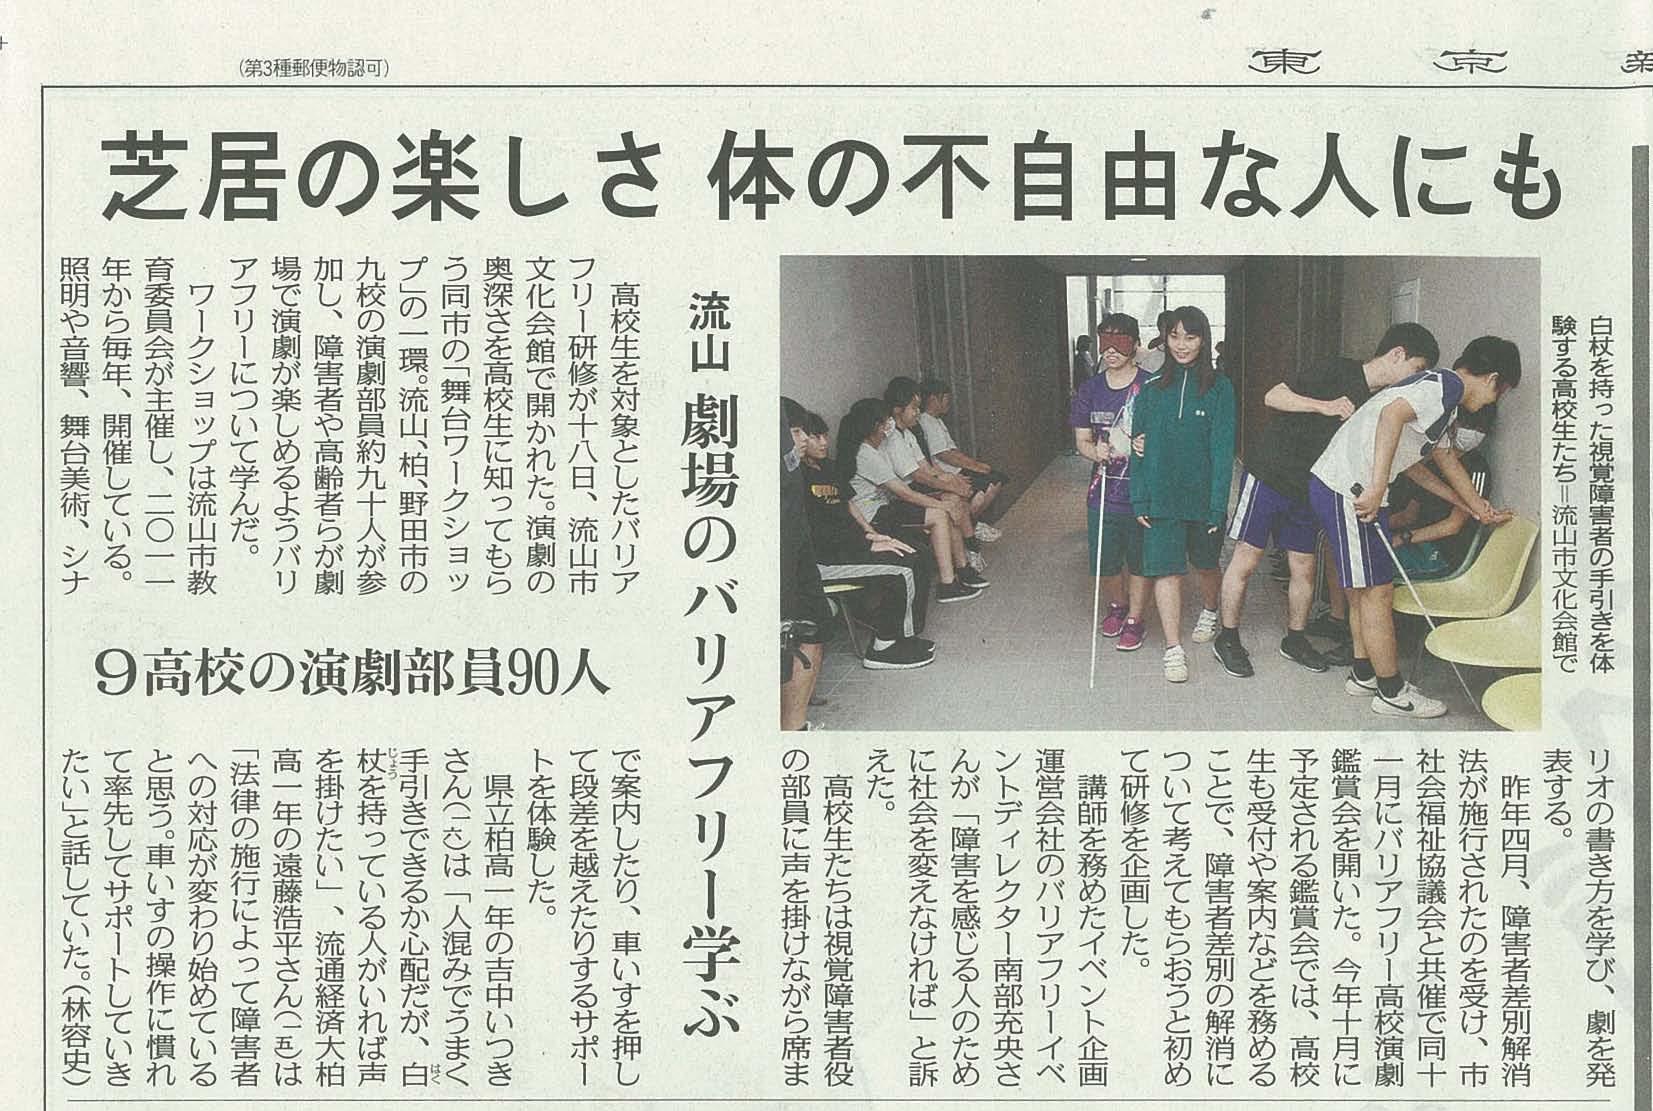 2017年8月19日 東京新聞記事